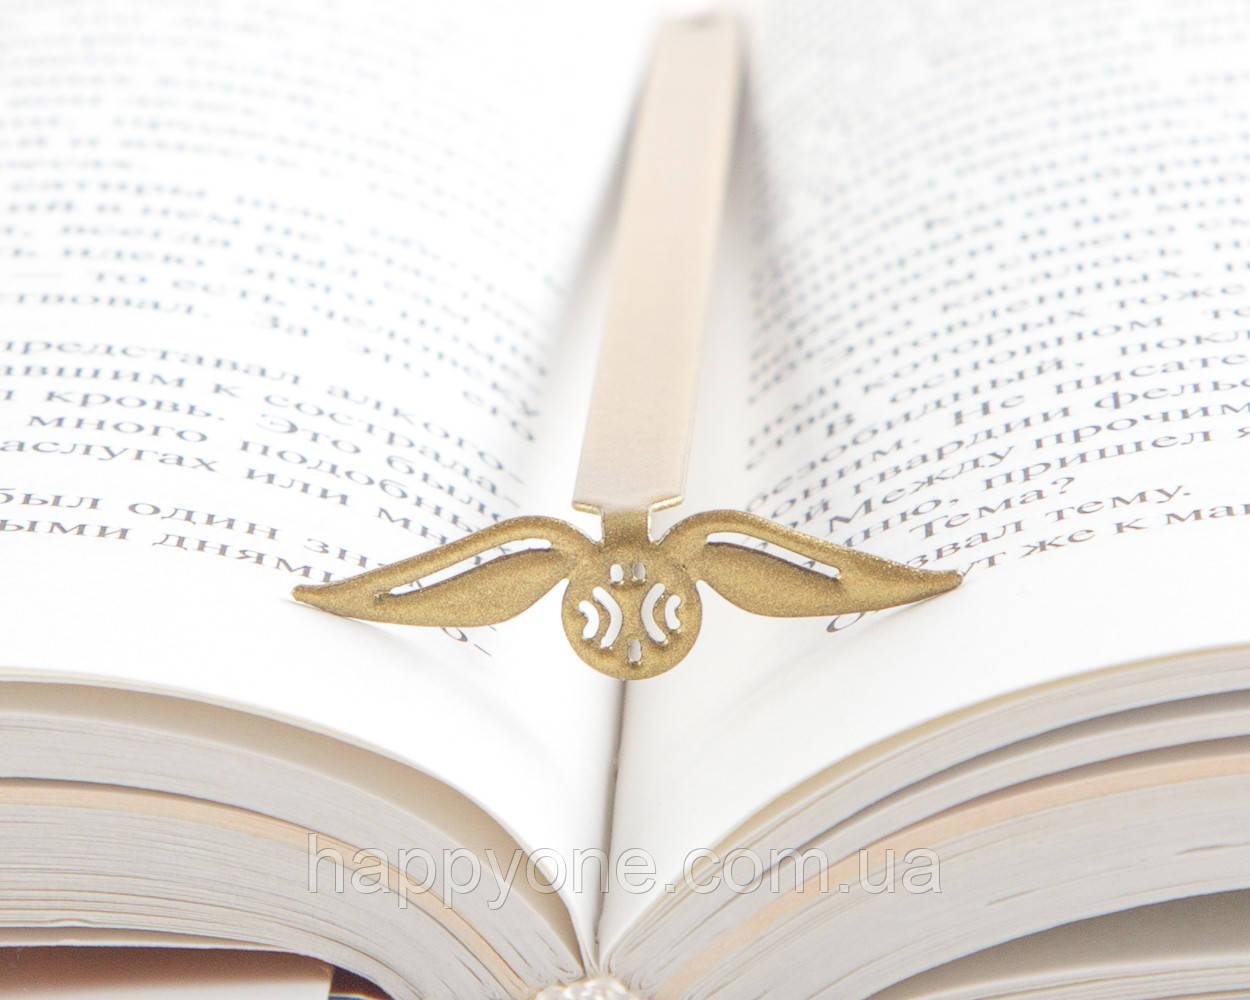 Закладка для книг Золотой Снитч